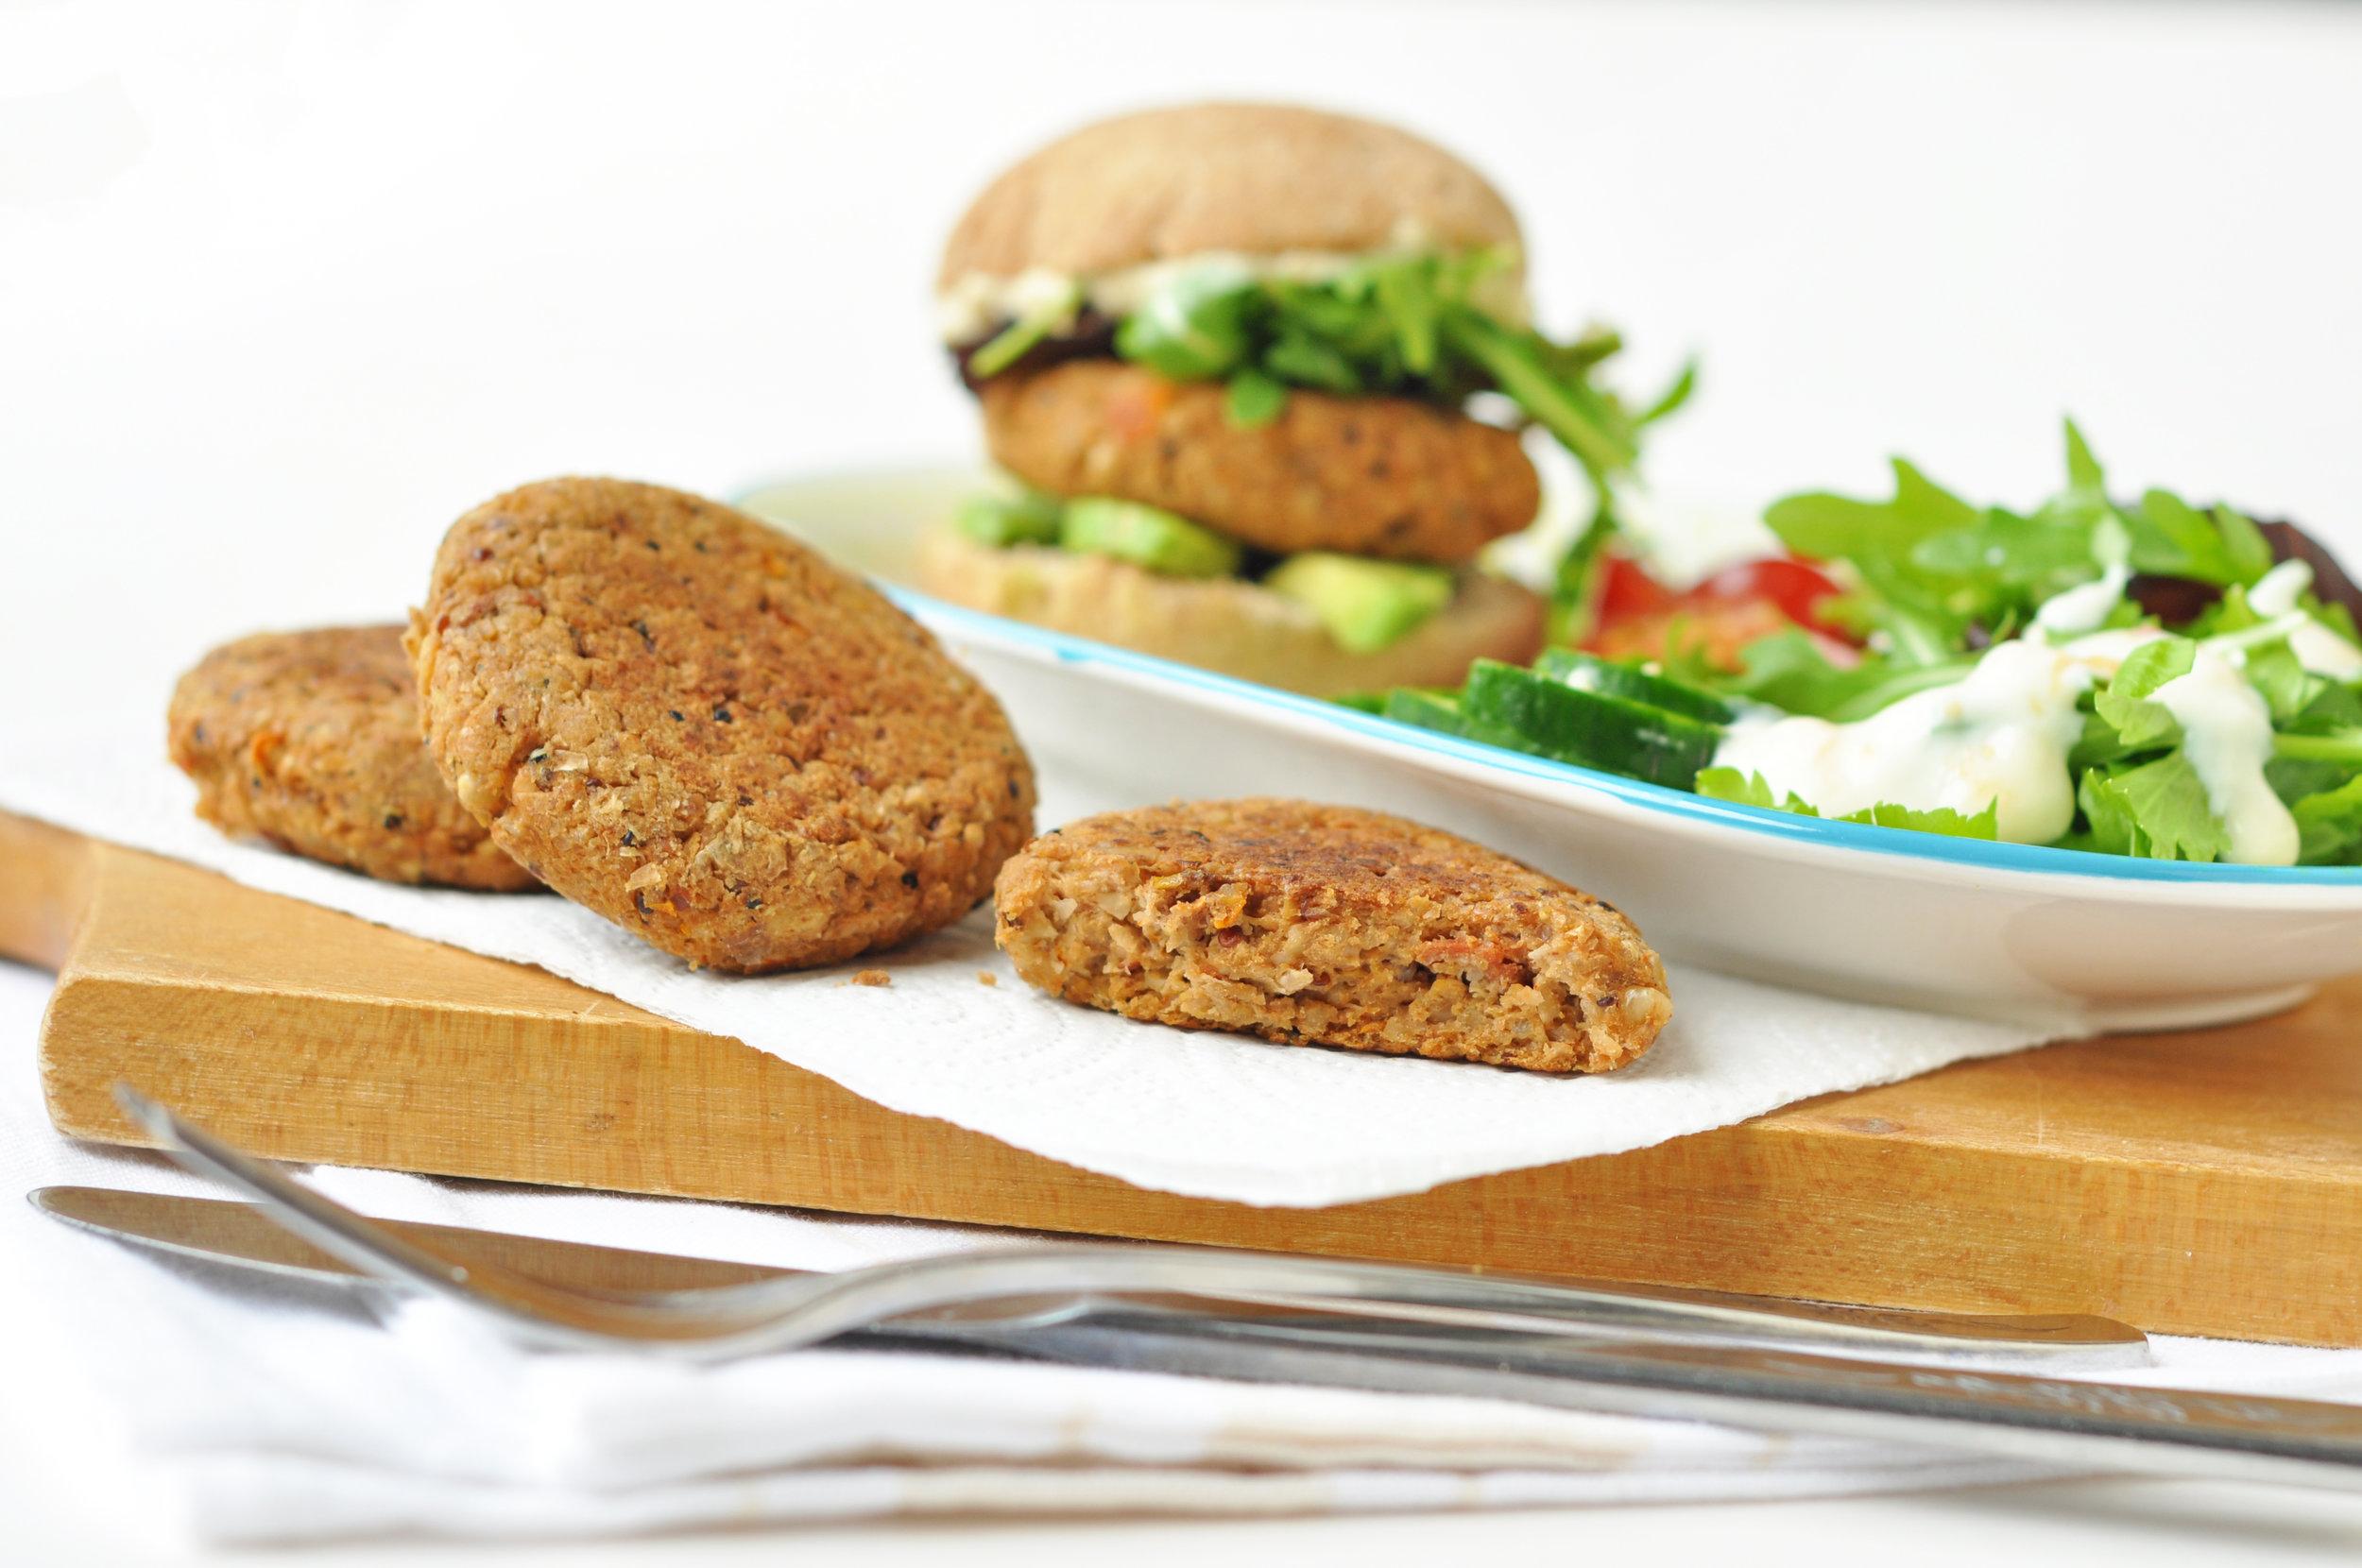 mushroom walnut quinoa burger 2.jpg